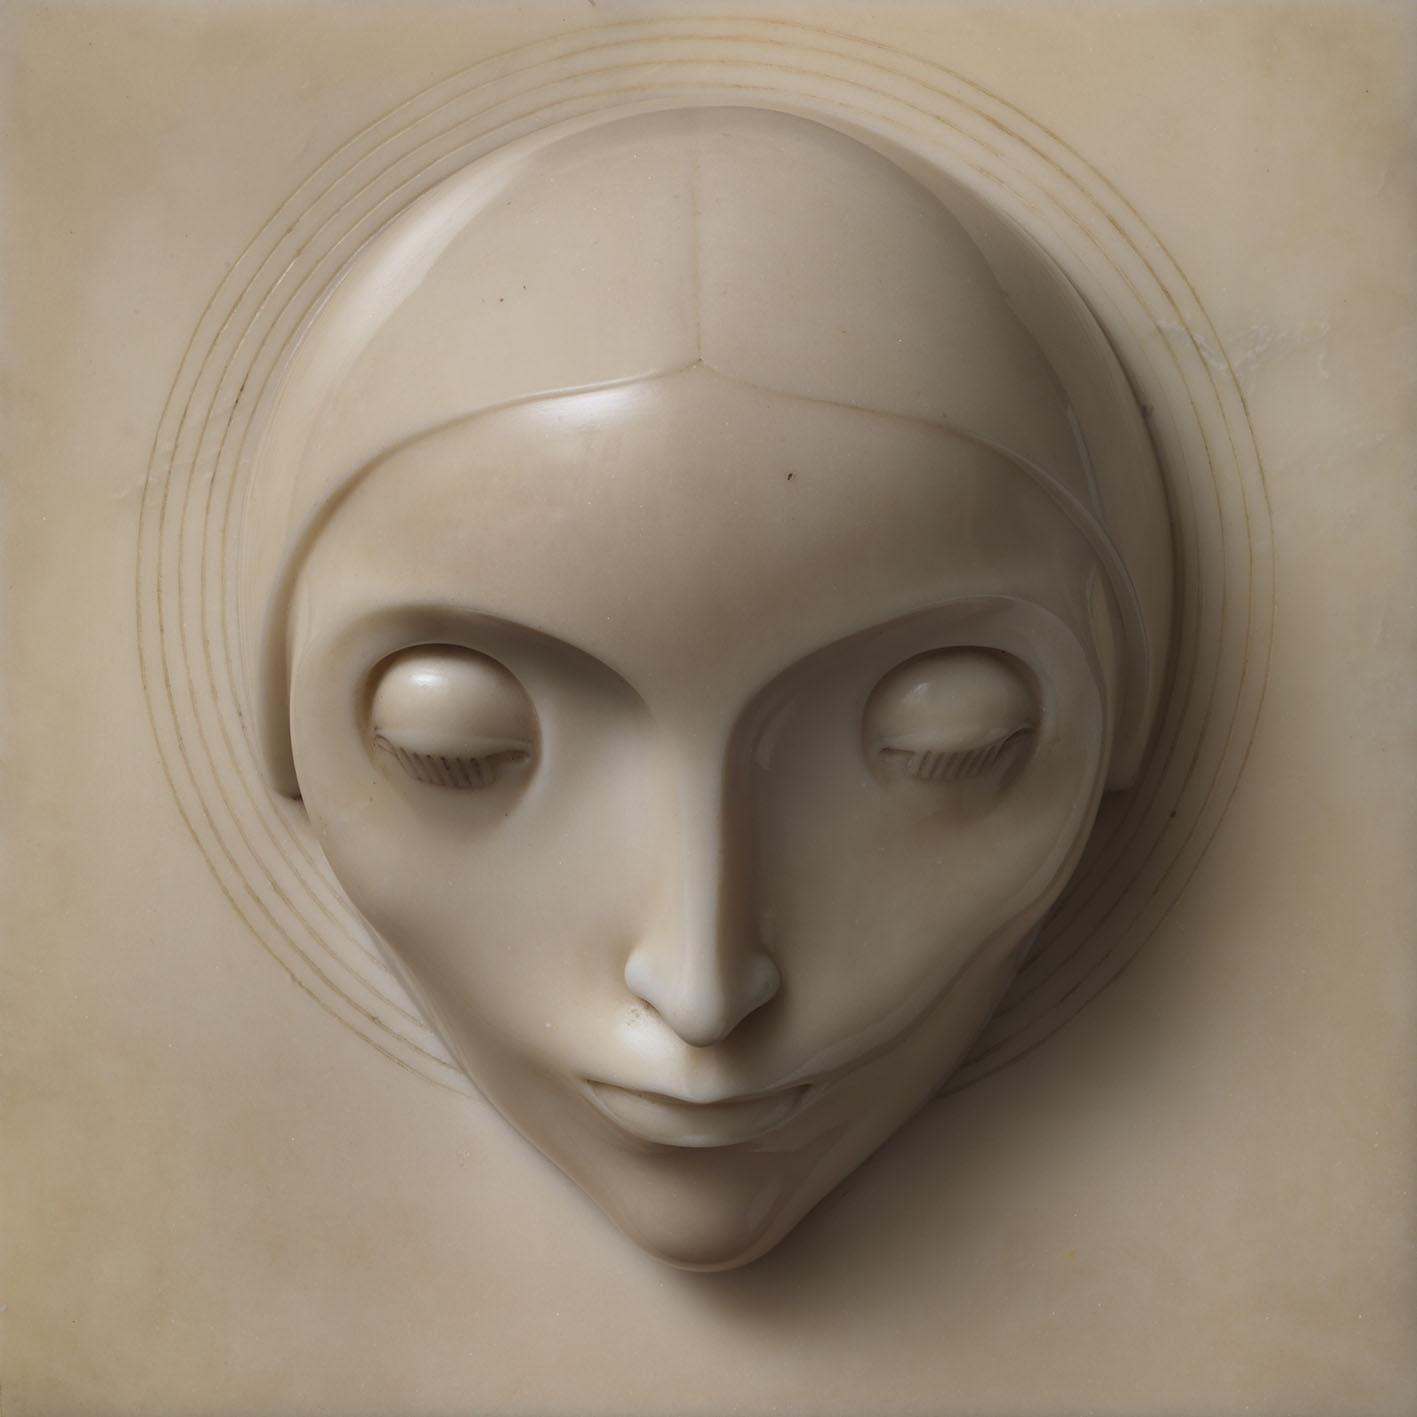 Adolfo Wildt: La concezione, 1921, Marmo bianco di Carrara, cm 26,5 x 27